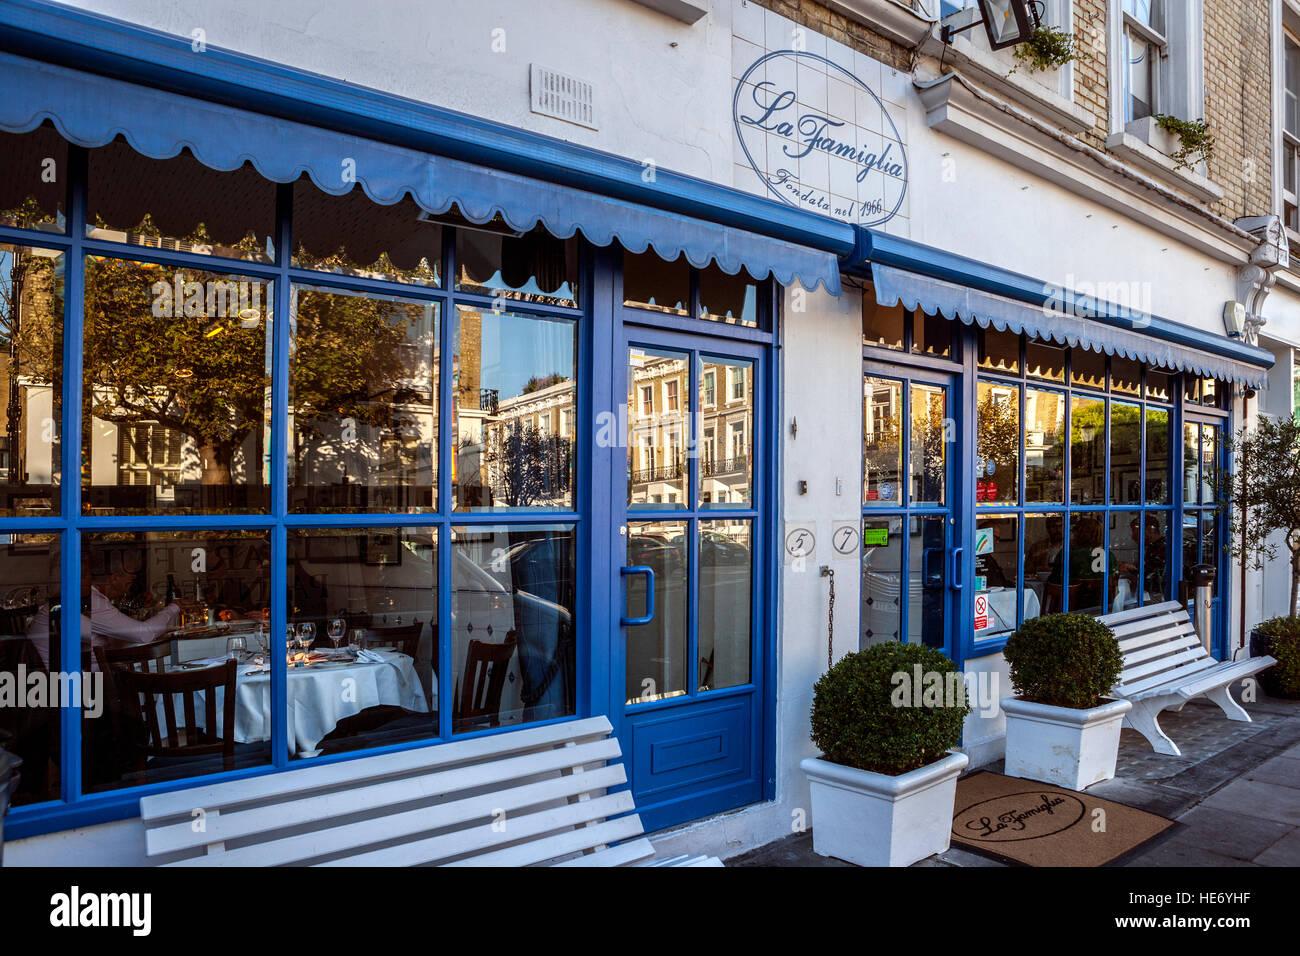 La Famiglia Restaurant Chelsea